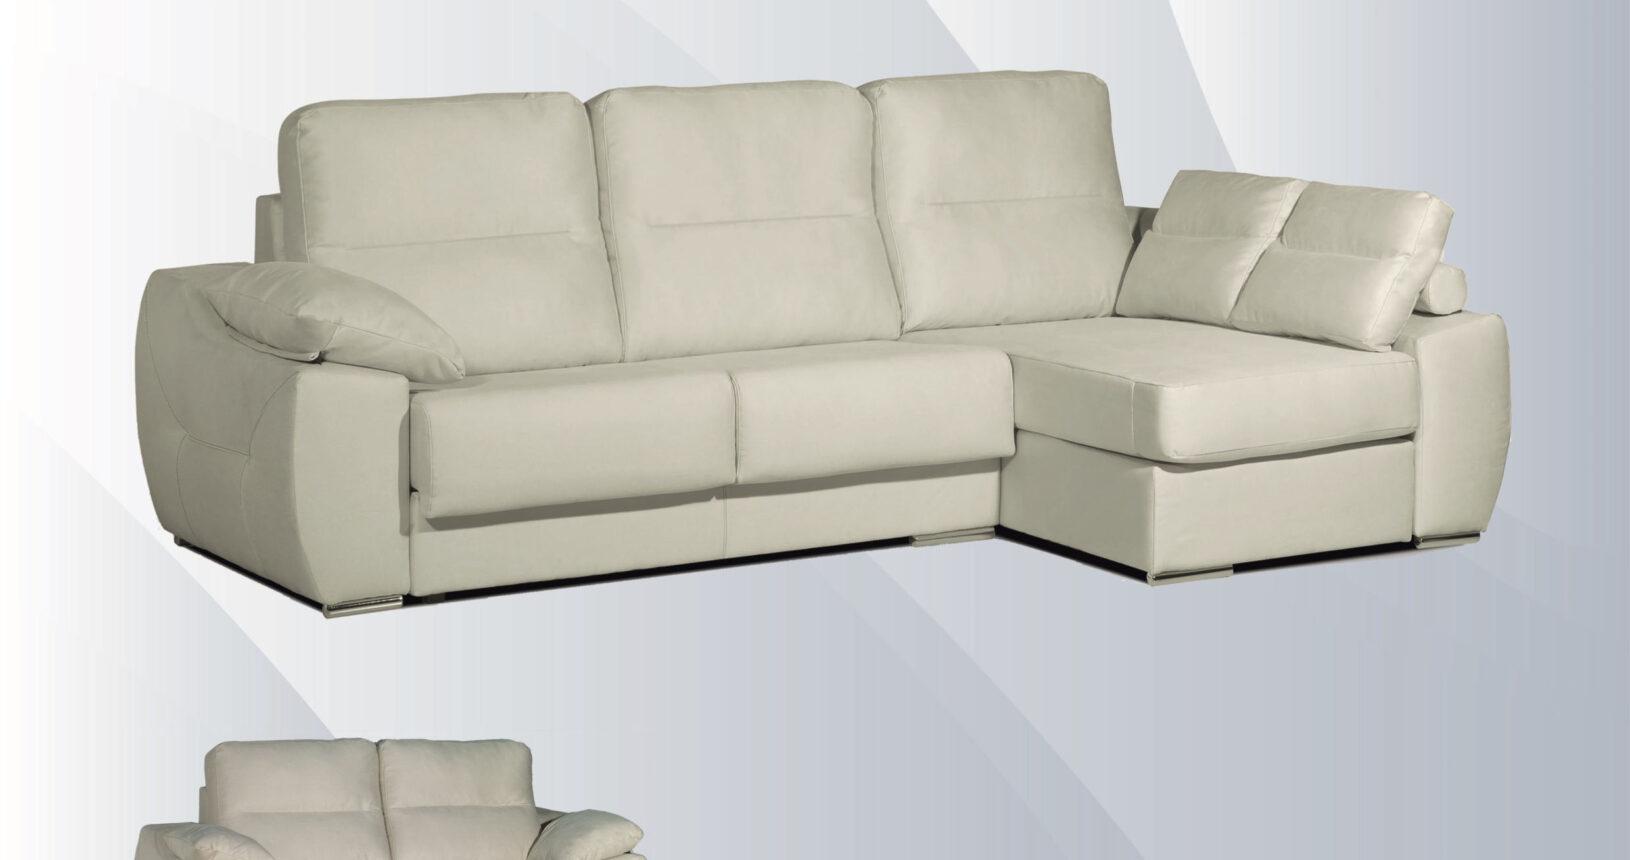 descanso sofás menphis mundococina.eu